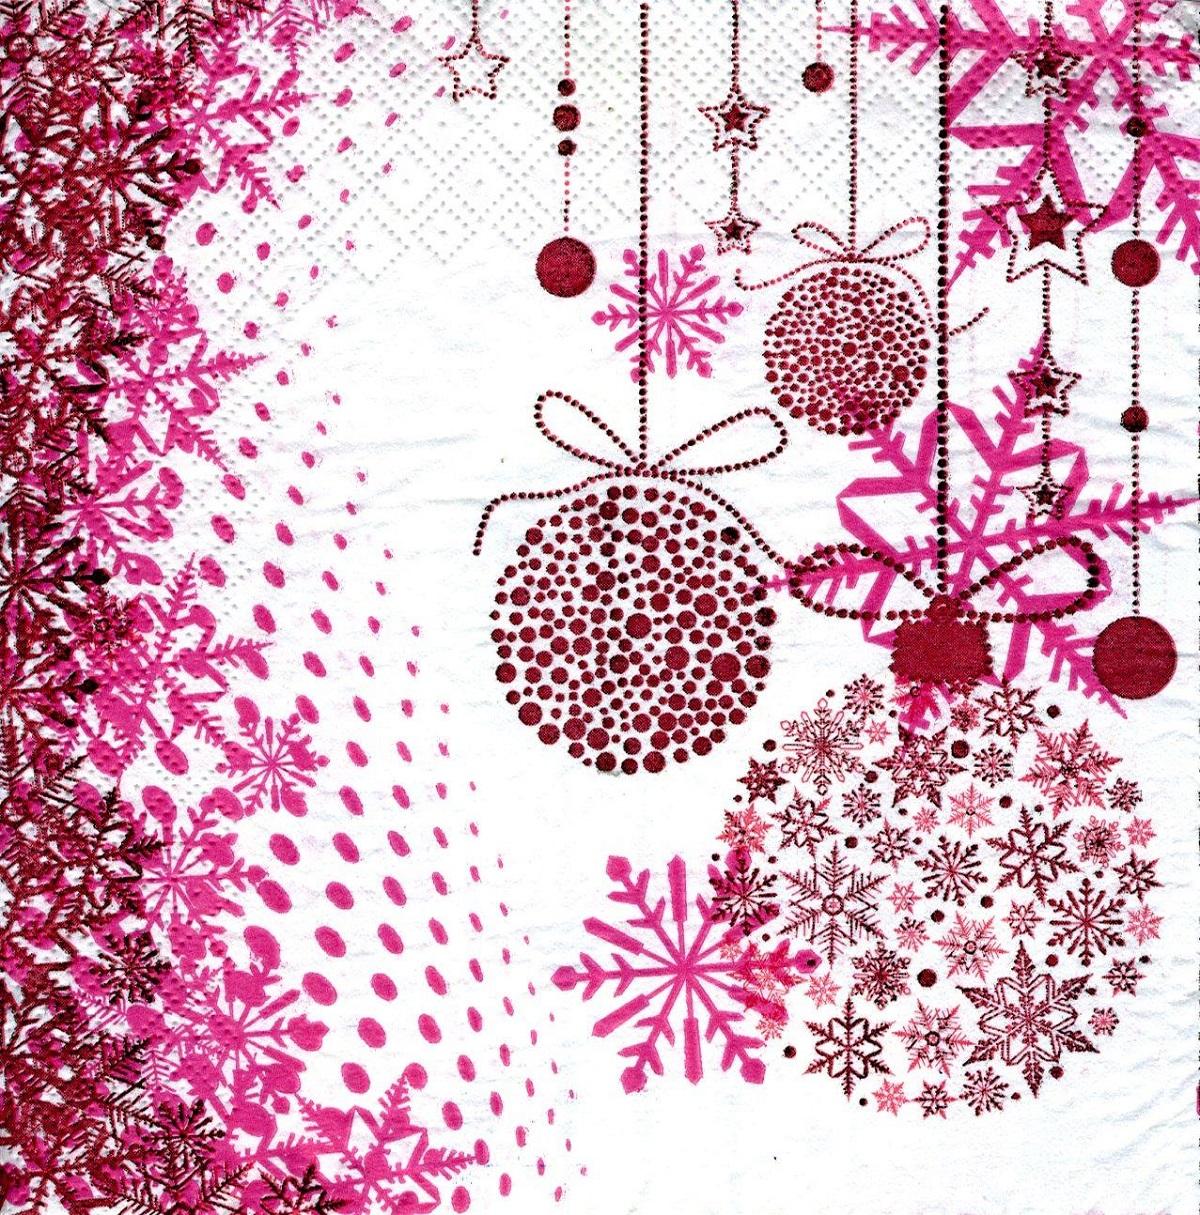 Салфетки бумажные Gratias Новогодние шары, трехслойные, 33 х 33 см, 20 шт90564Трехслойные бумажные салфетки Gratias Новогодние шары,выполненные из натуральной целлюлозы, станутотличным дополнением любого праздничного стола. Ониотличаются необычной мягкостью и прочностью.Размер листа: 33 х 33 см.Количество слоев: 3.